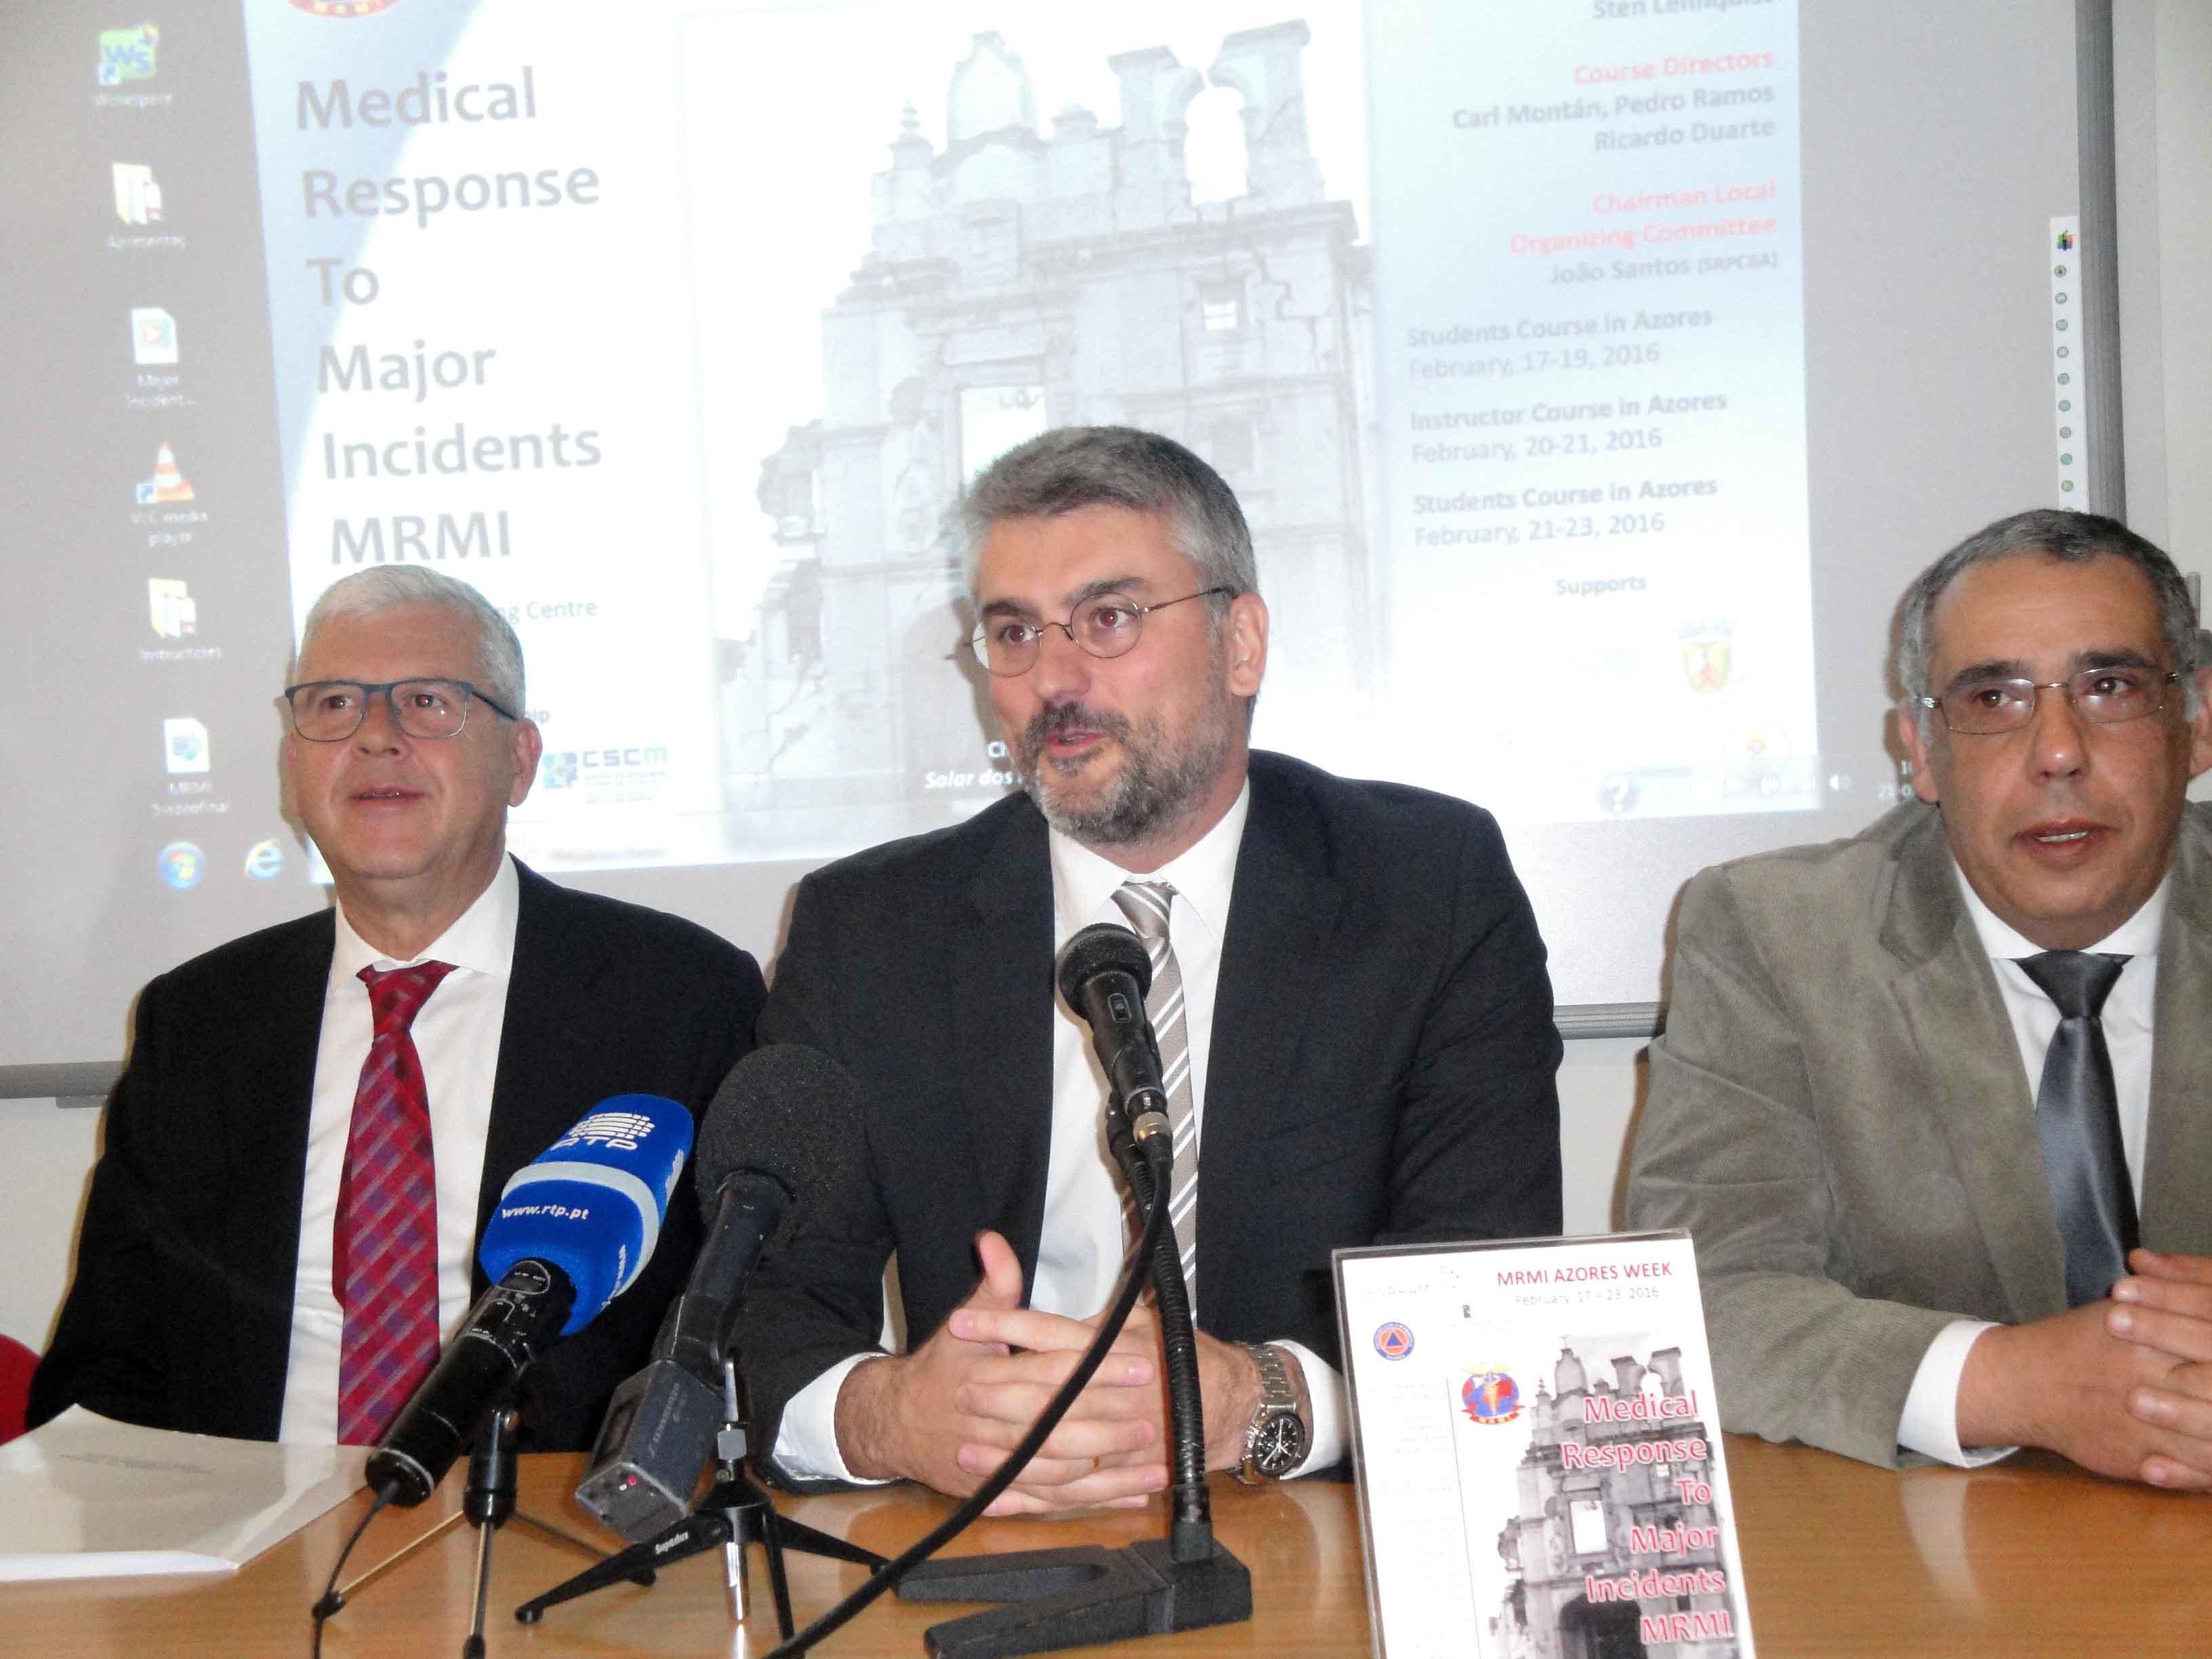 """Curso de MRMI é """"mais-valia para os Açores"""" e resultado de """"bom entendimento entre Governos Regionais"""", afirma Luís Cabral"""